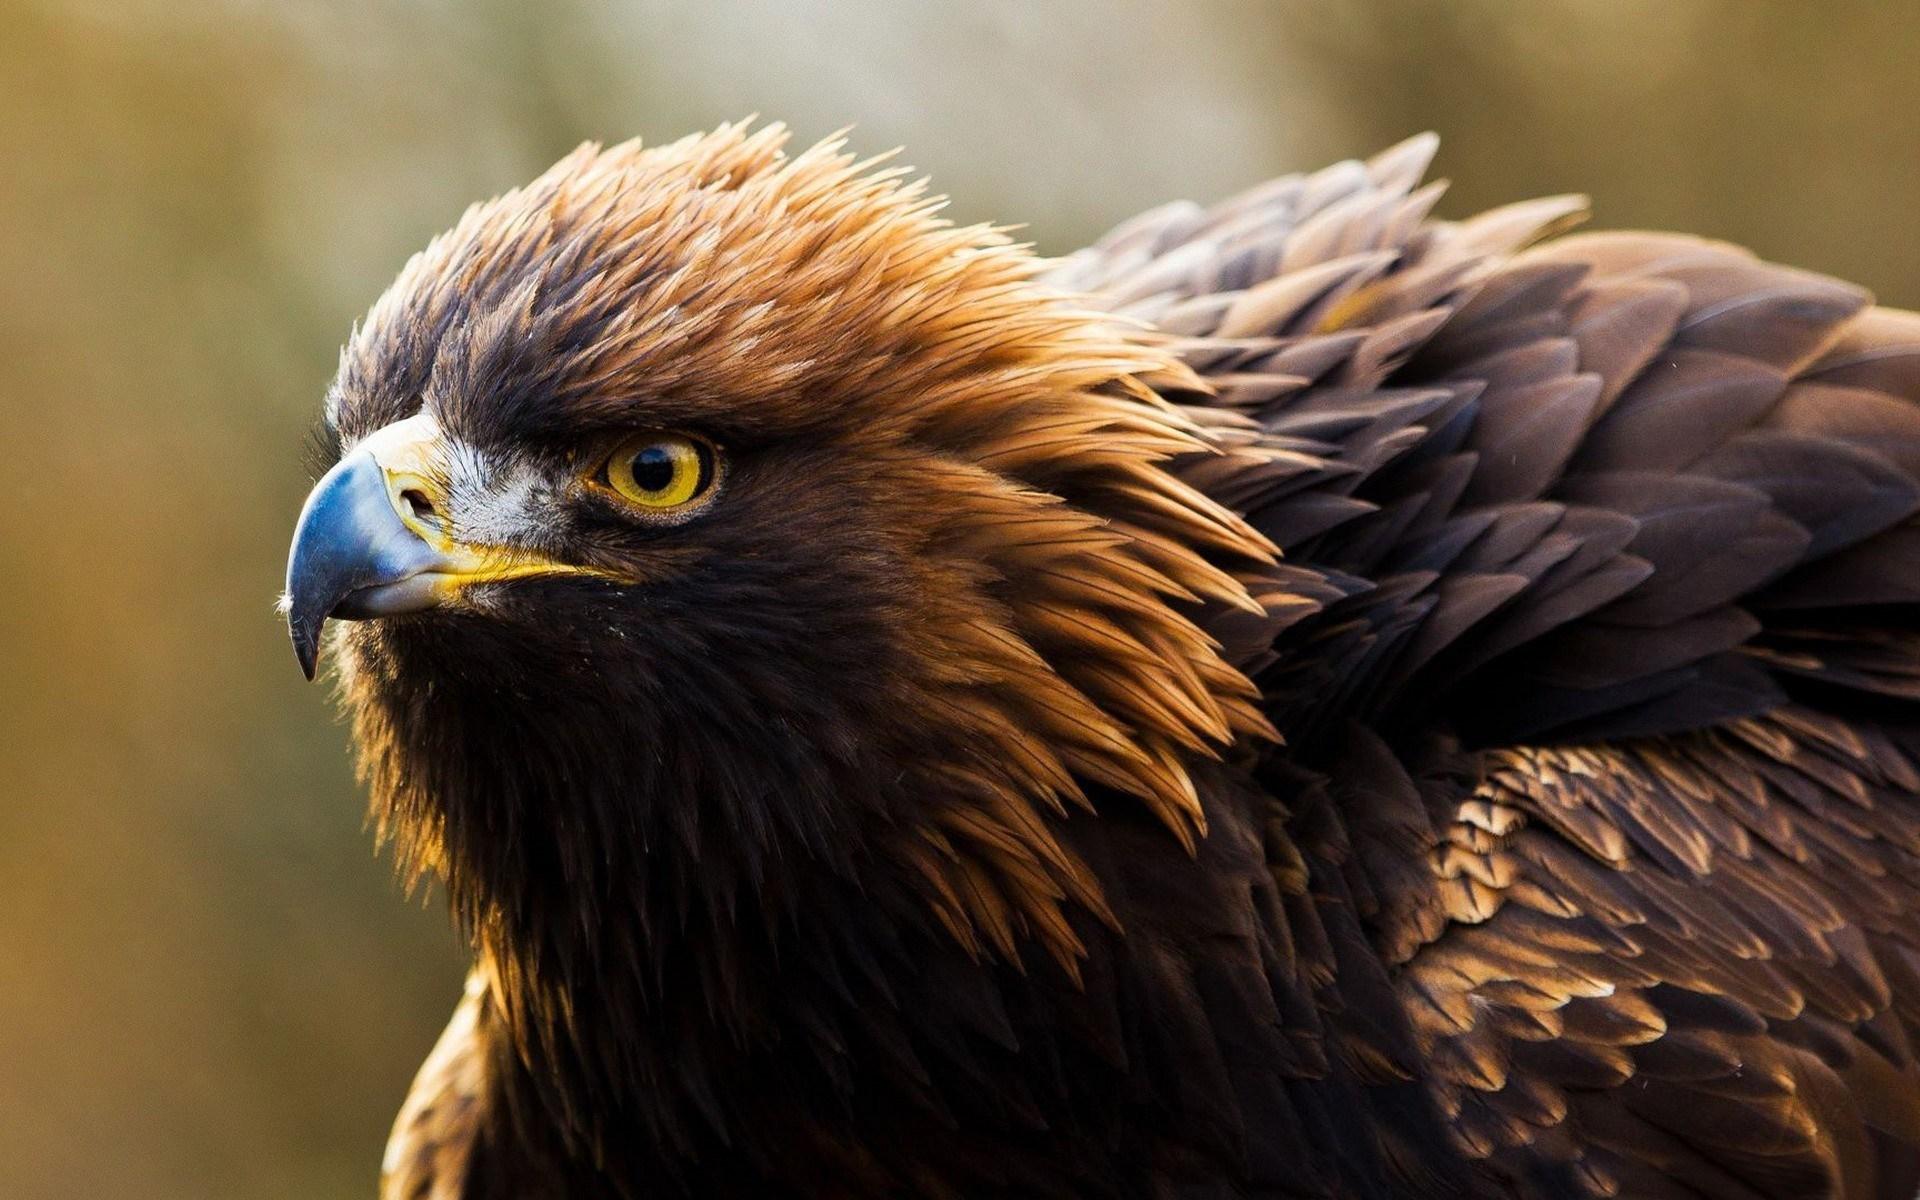 Bird of Prey Golden Eagle Photo